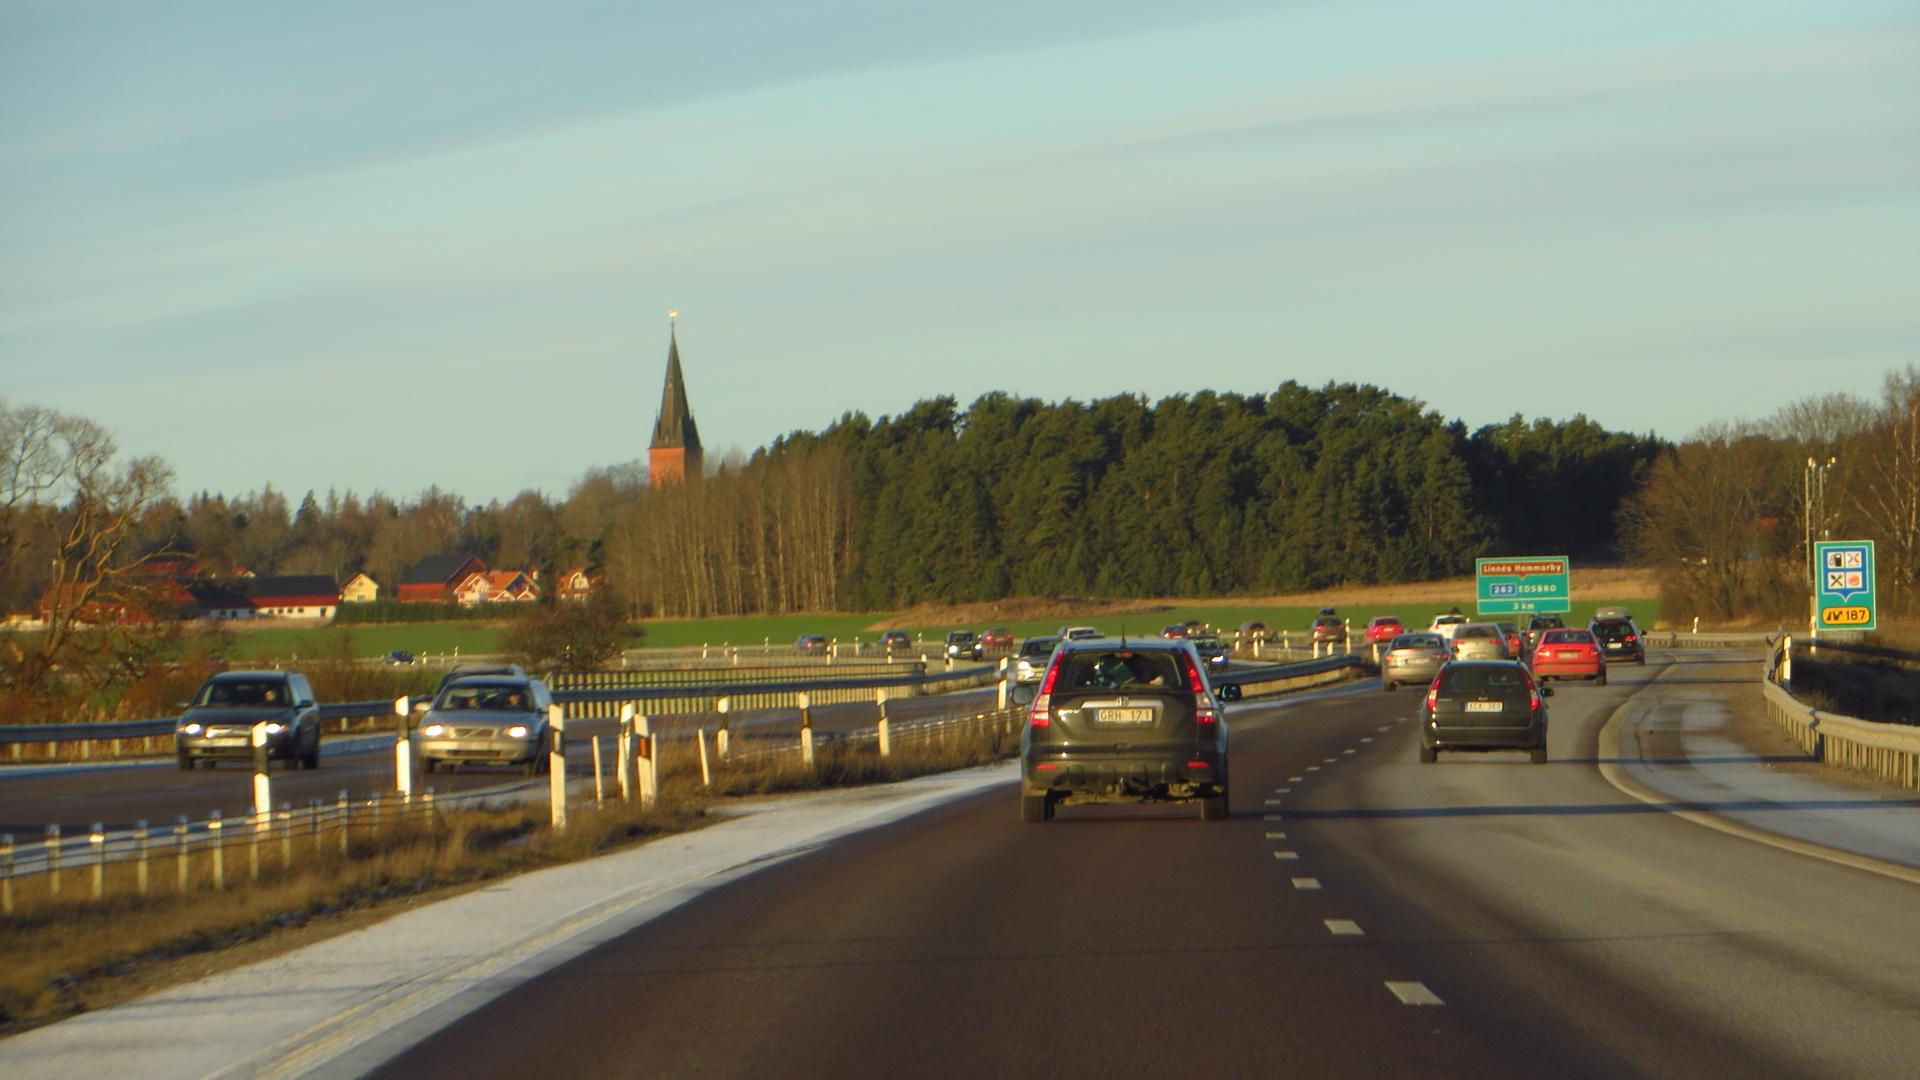 Sweden road traffic